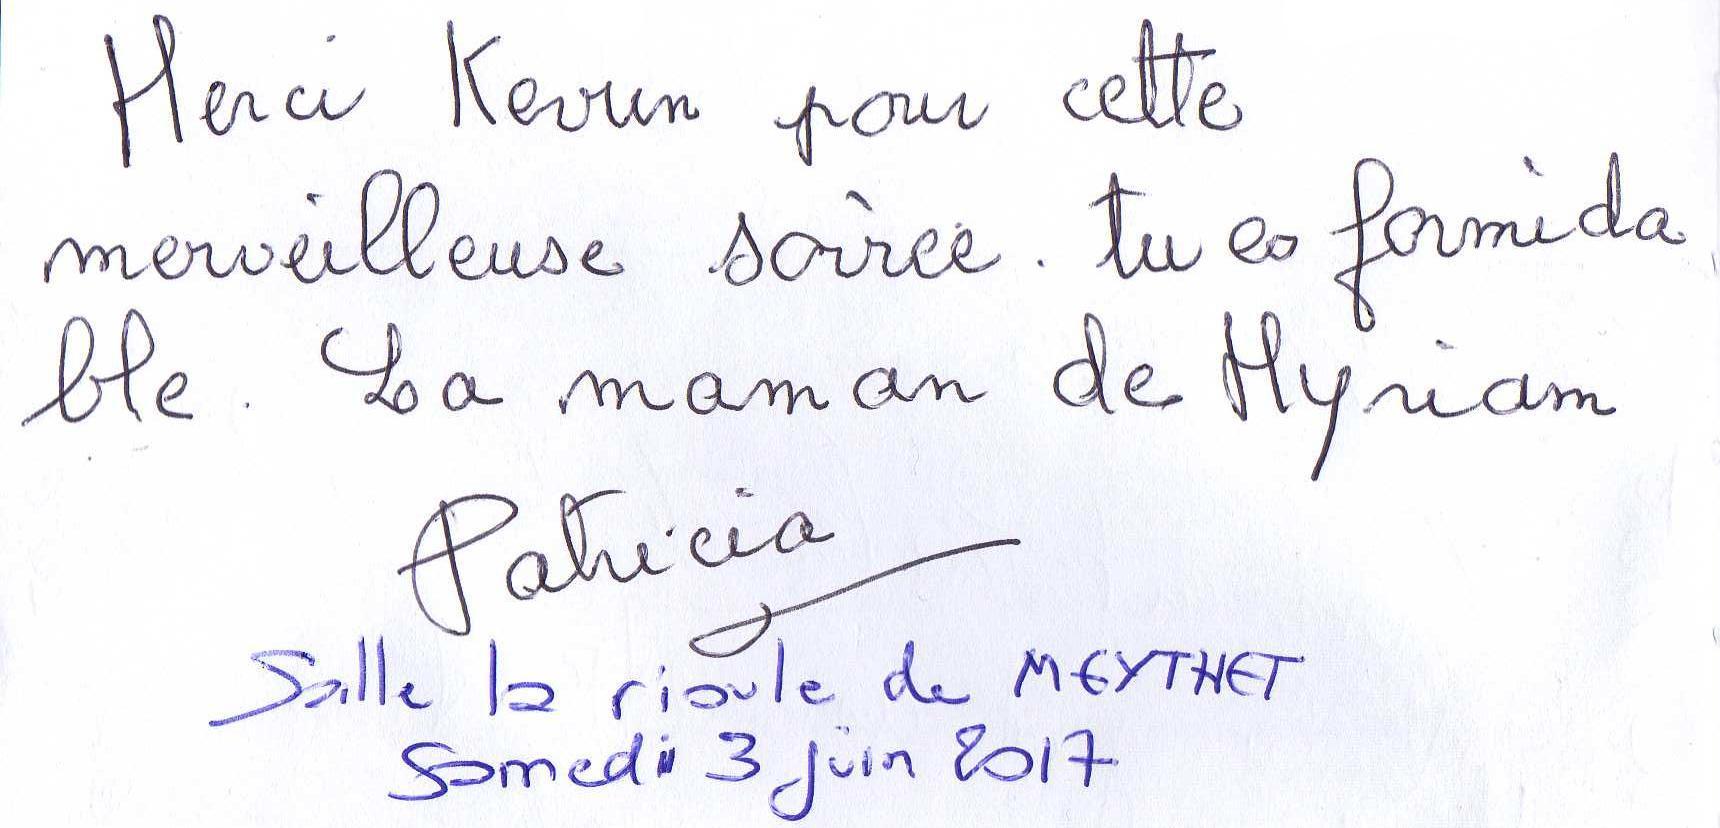 Mariage_de_MYRIAM_&_BRUNO_DAVRIL_à_la_Salle_de_La_RIOULE_à_MEYTHET_Samed.._[2]